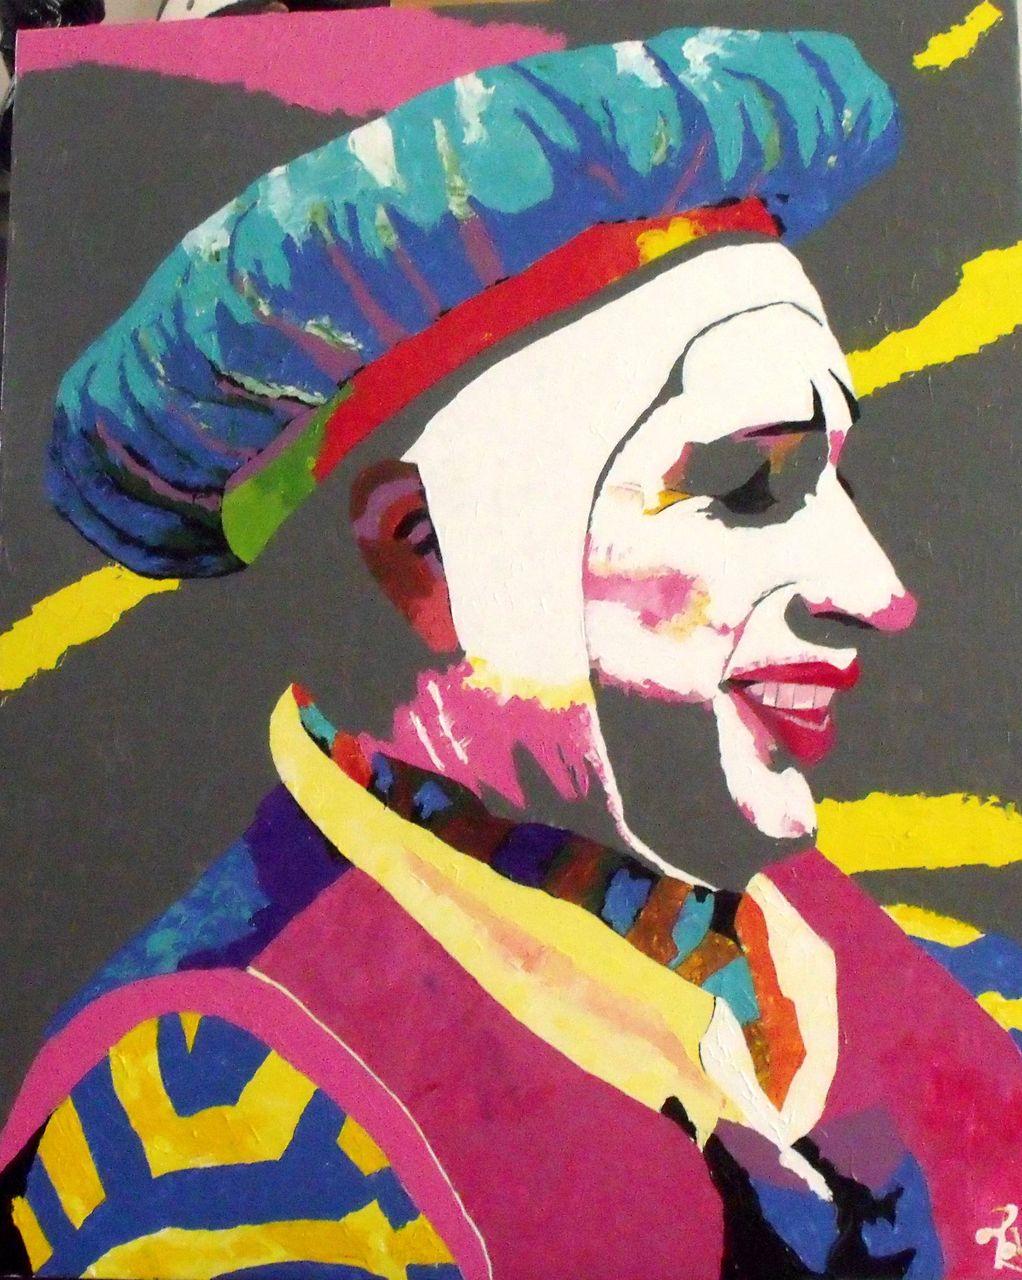 fabrice Daluseau ha ha said the clown